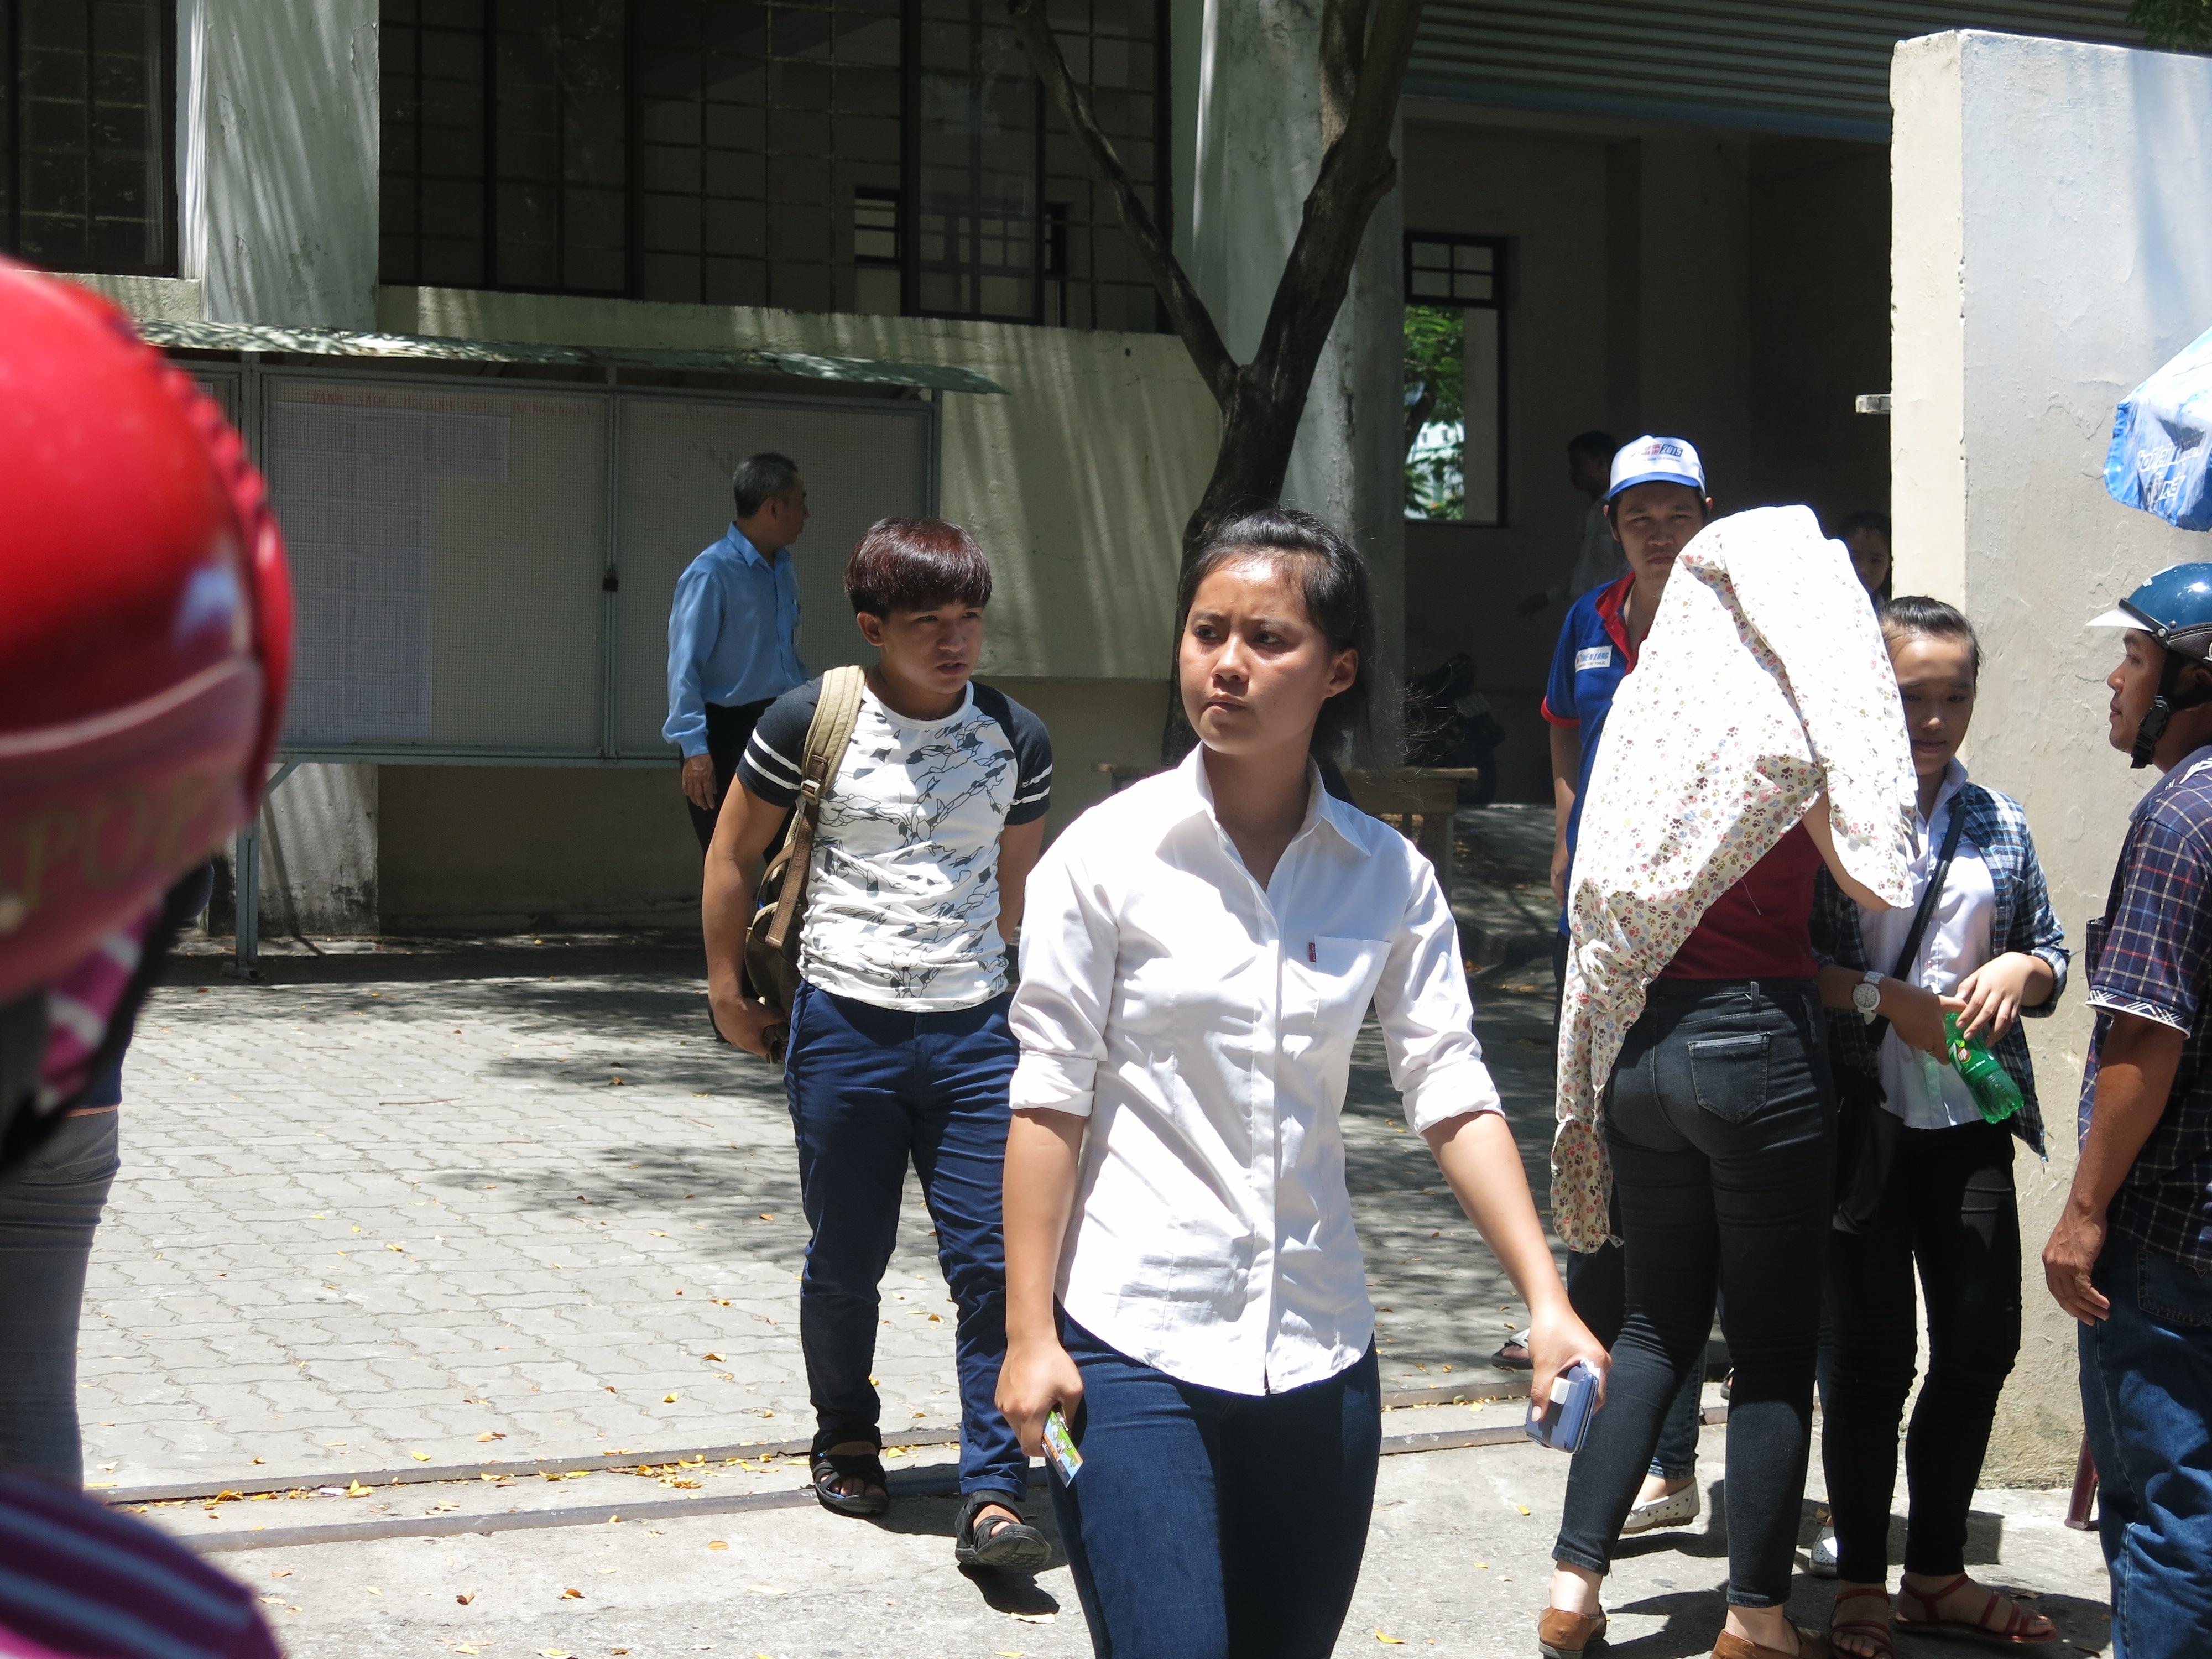 Thí sinh tại Đà Nẵng nhận xét đề Hoá rất khó có điểm tuyệt đối